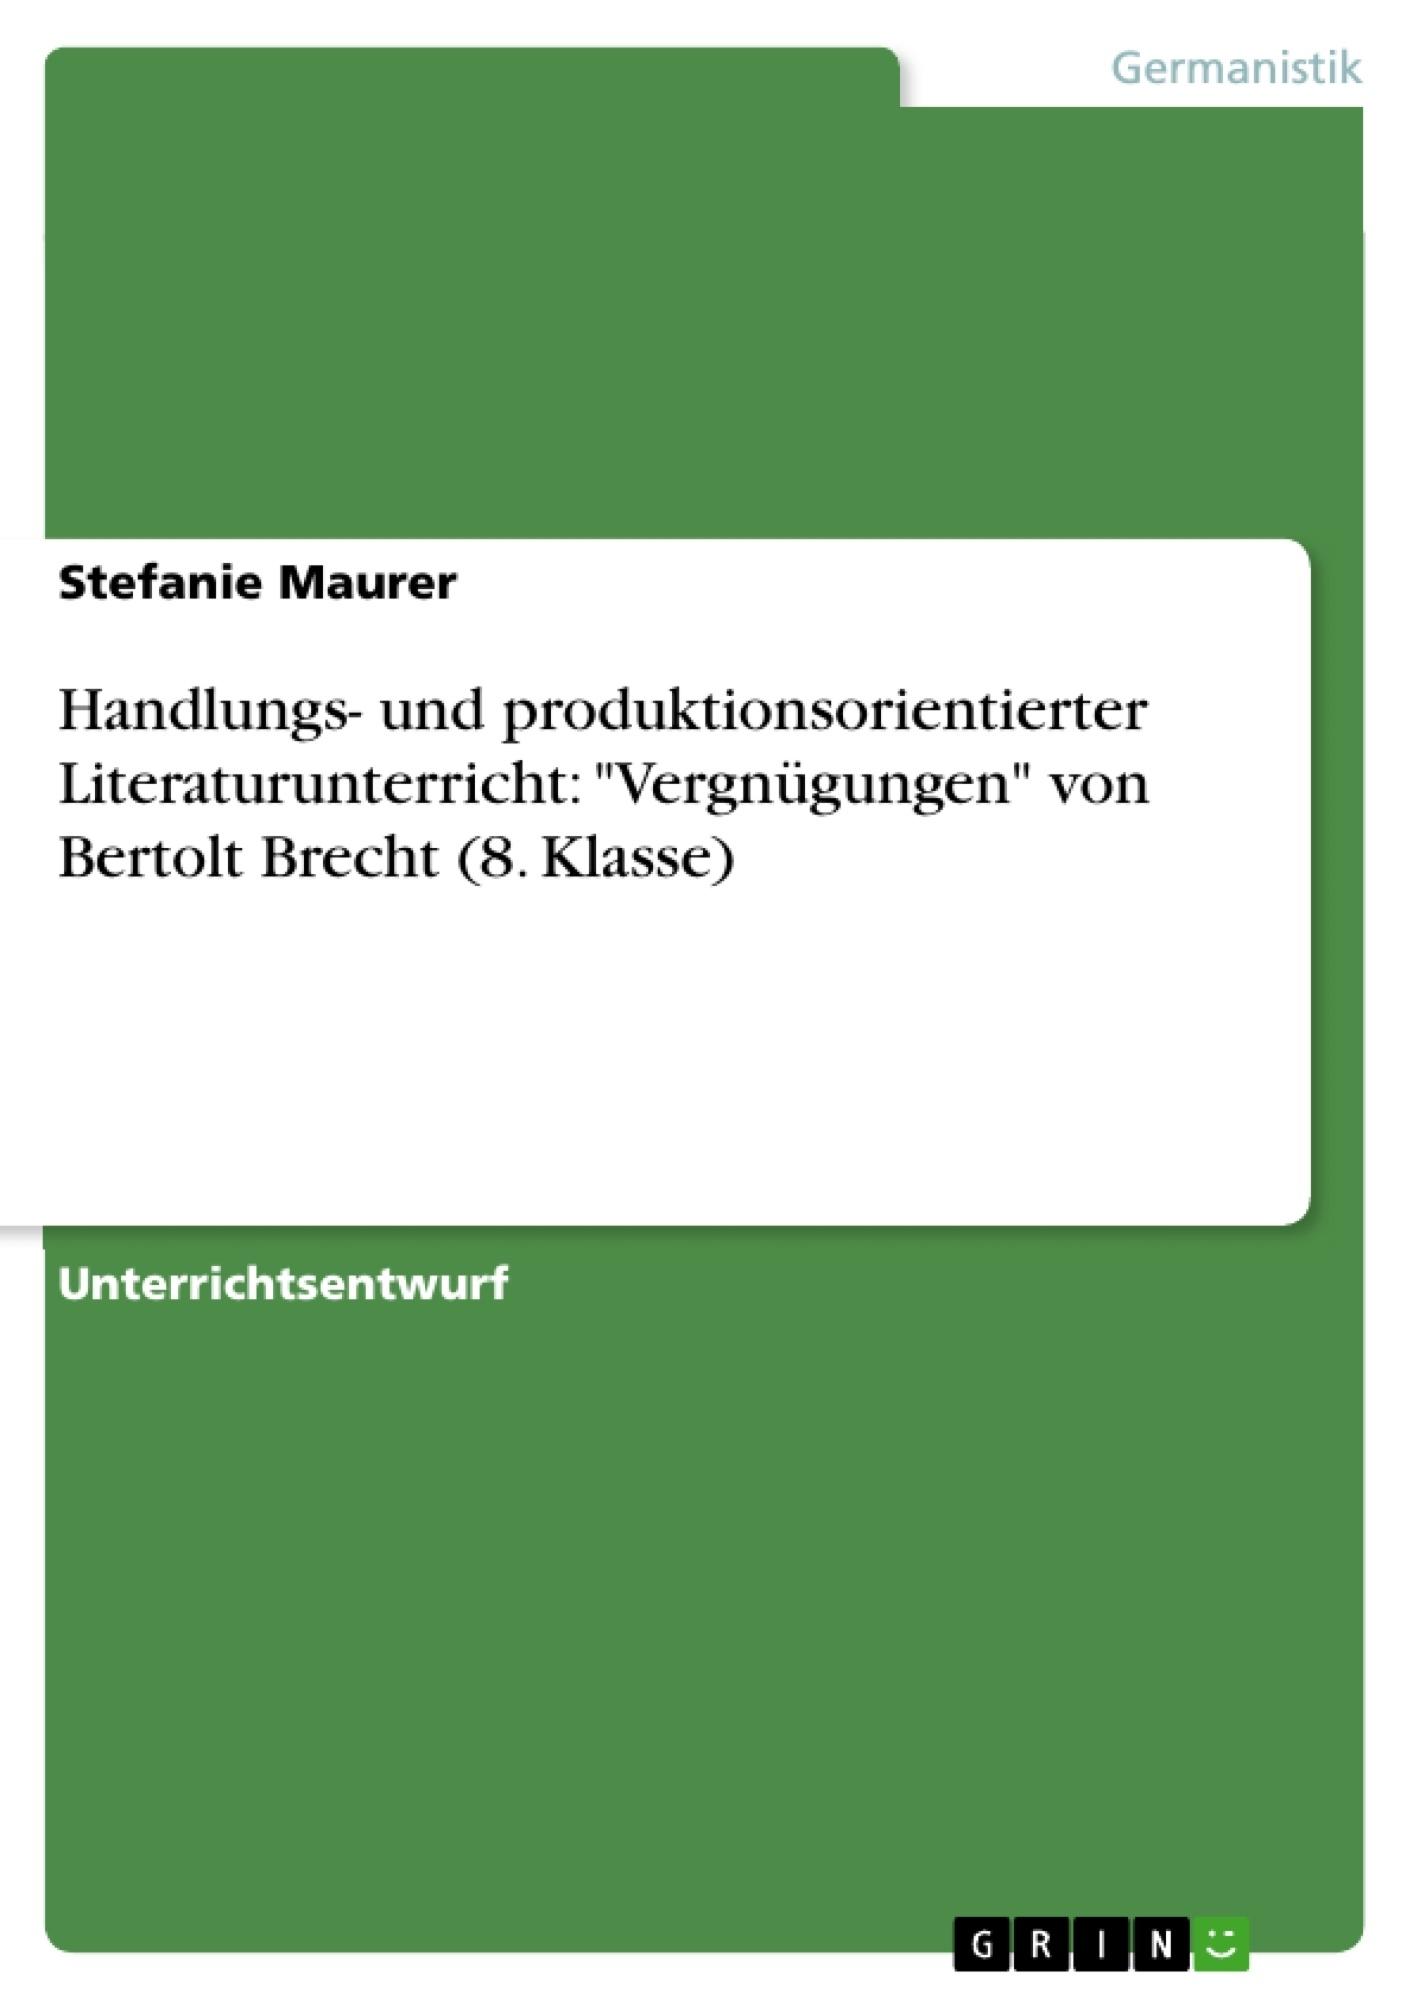 """Titel: Handlungs- und produktionsorientierter Literaturunterricht: """"Vergnügungen"""" von Bertolt Brecht (8. Klasse)"""